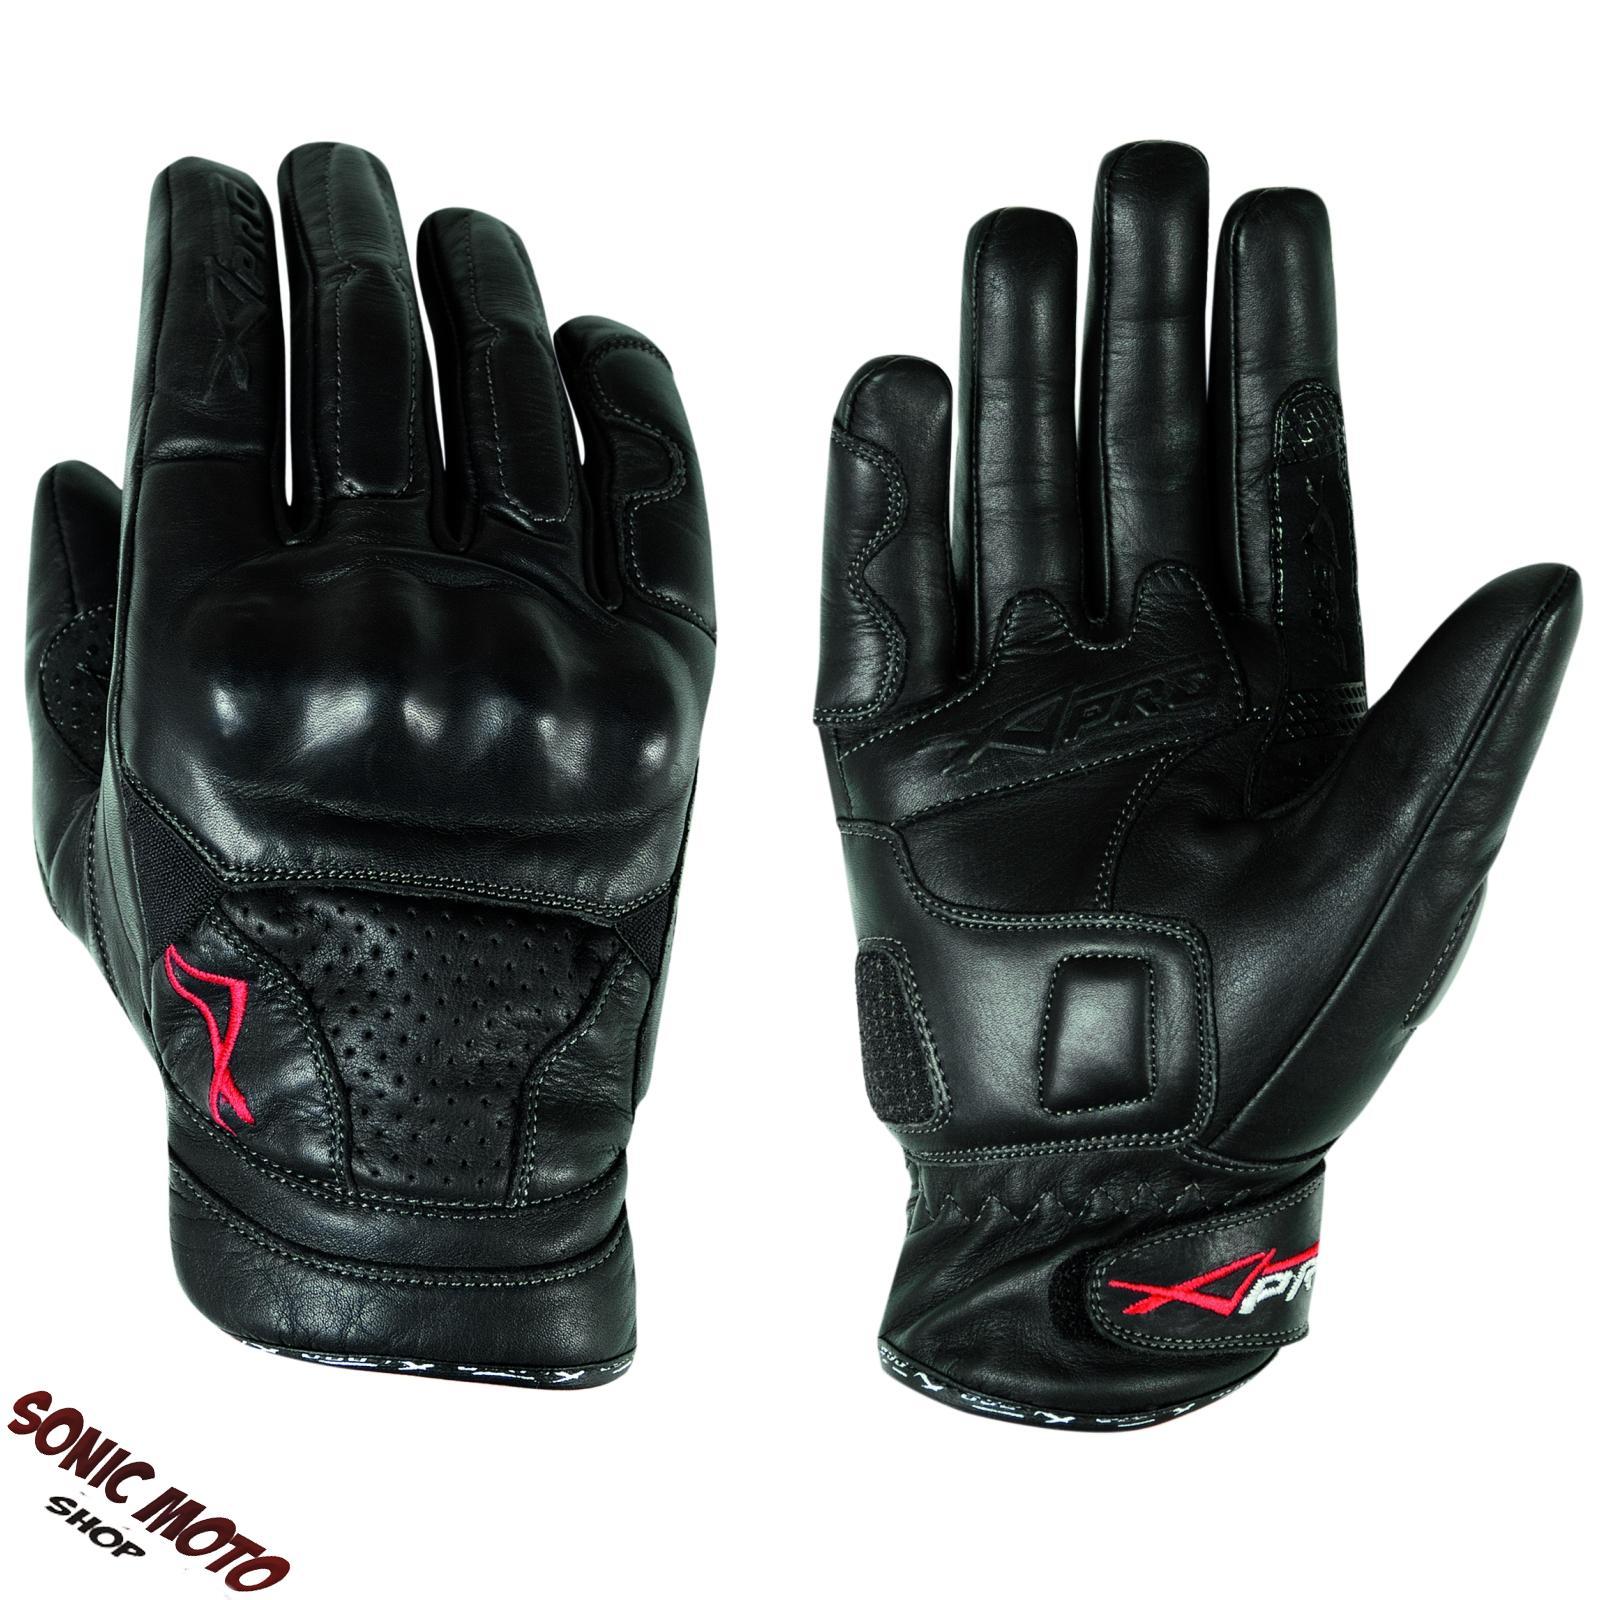 Guanti-pelle-moto-con-protezioni-protezioni-sport-custom-tourg-A-Pro-Nero